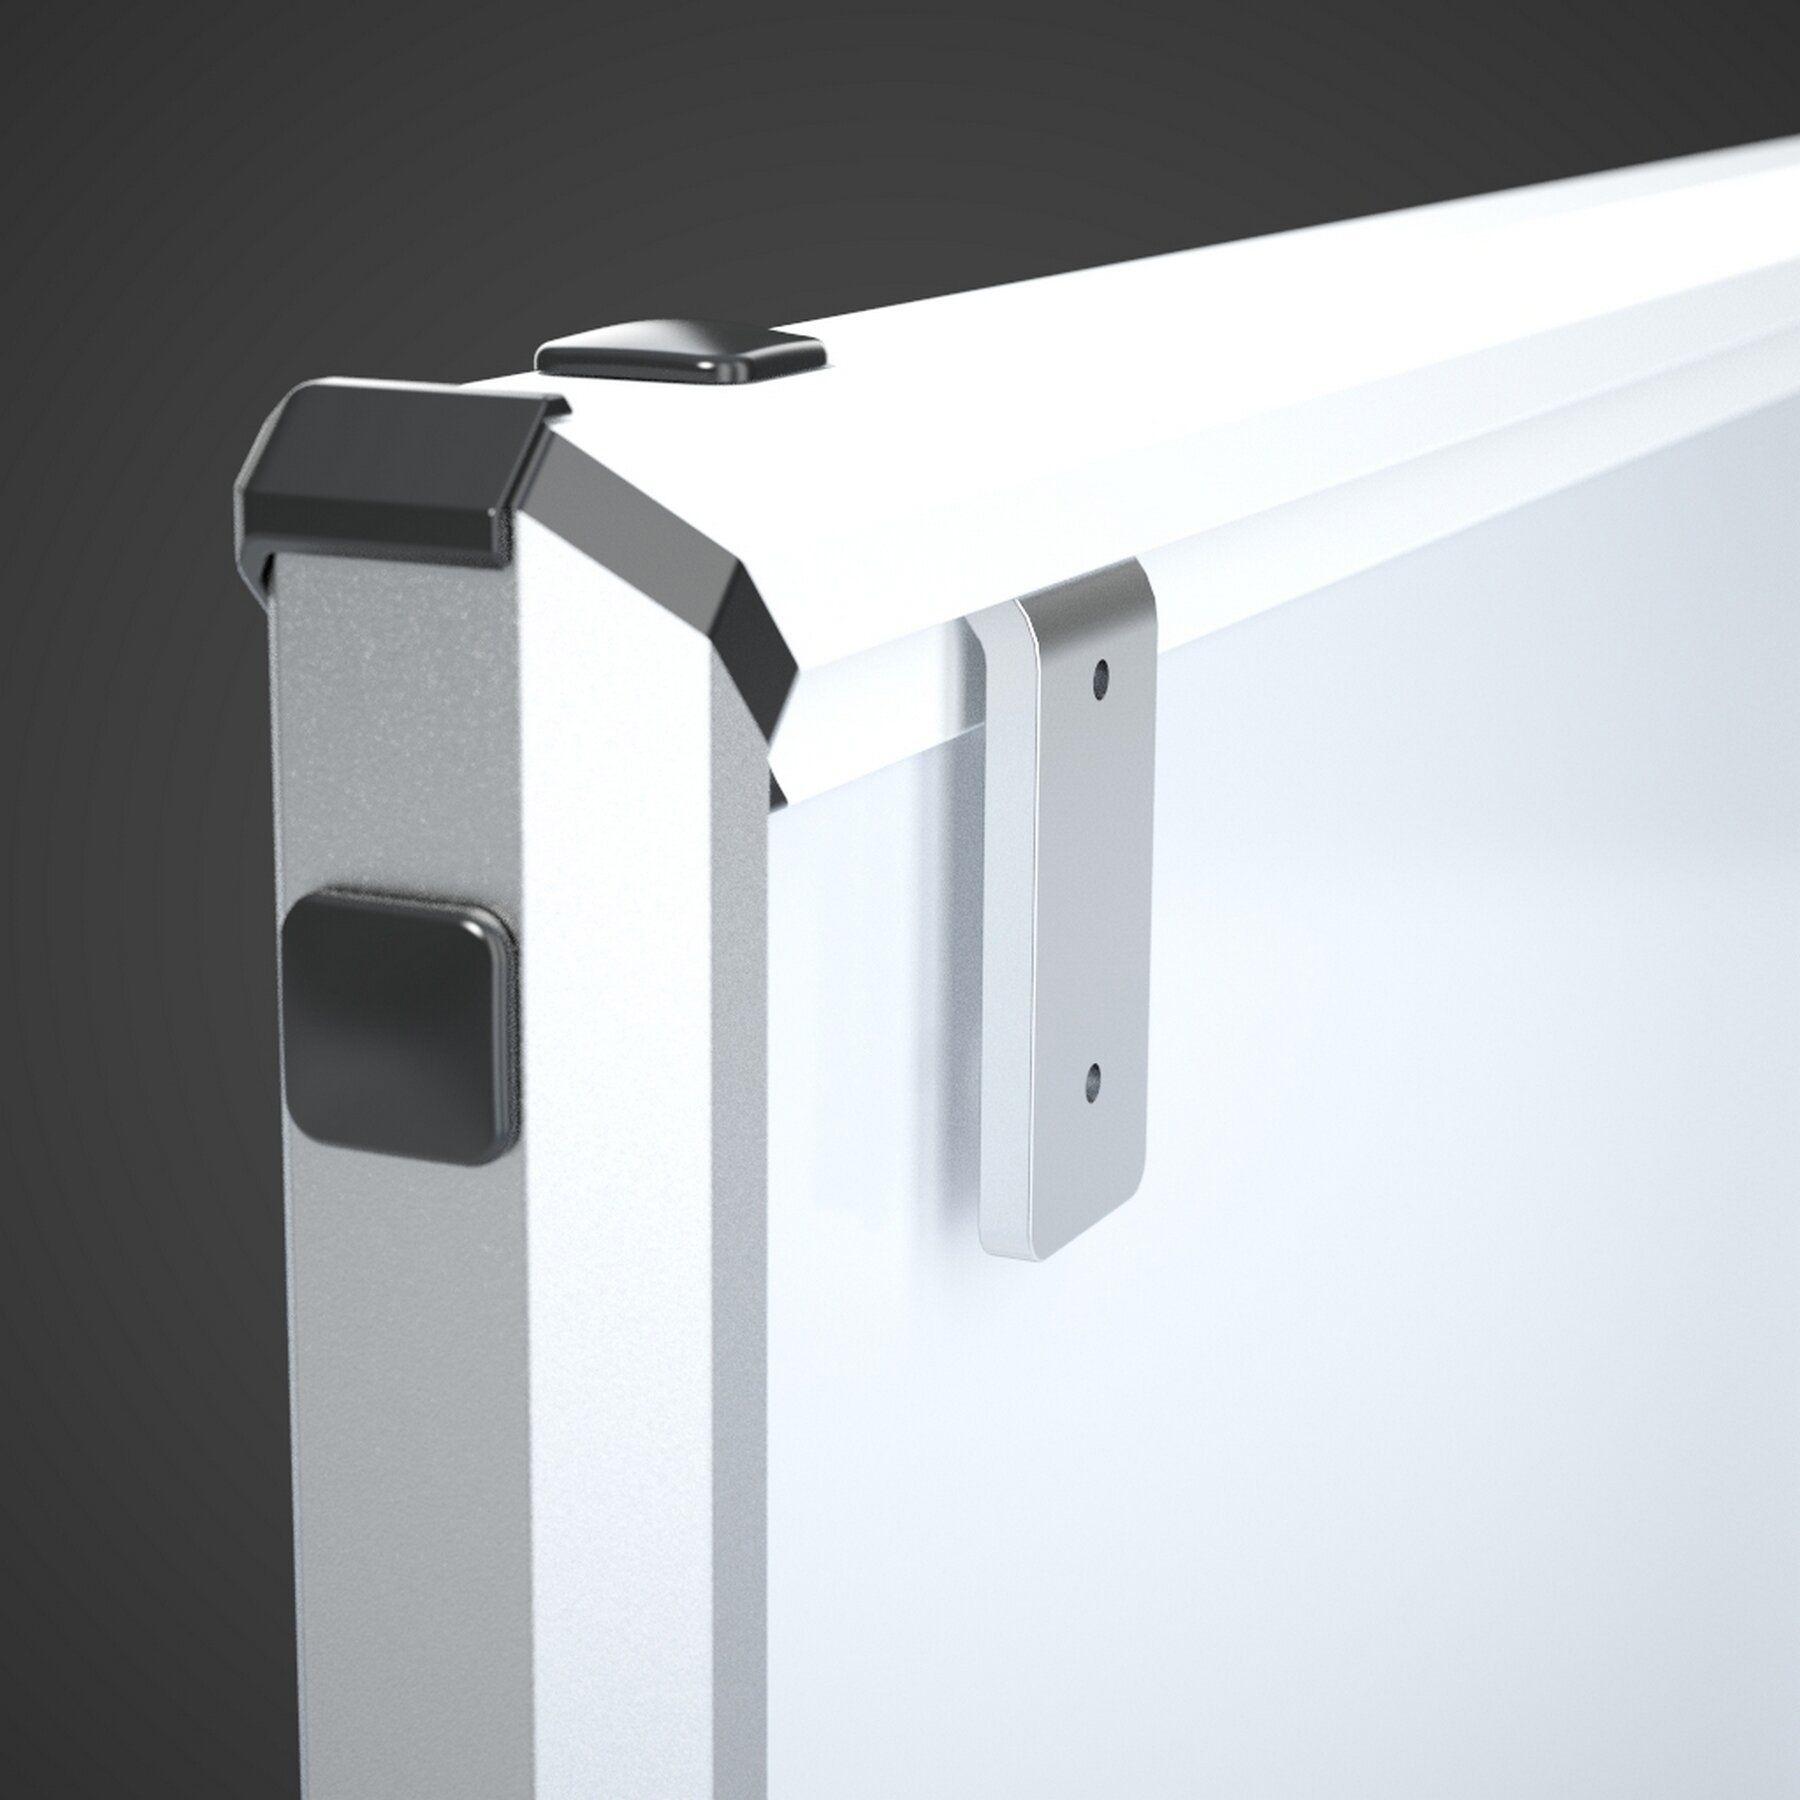 Доска белая магнитная сухостираемая StarBoard 60*90см., алюминиевая рамка, лак 2x3 - фото 6